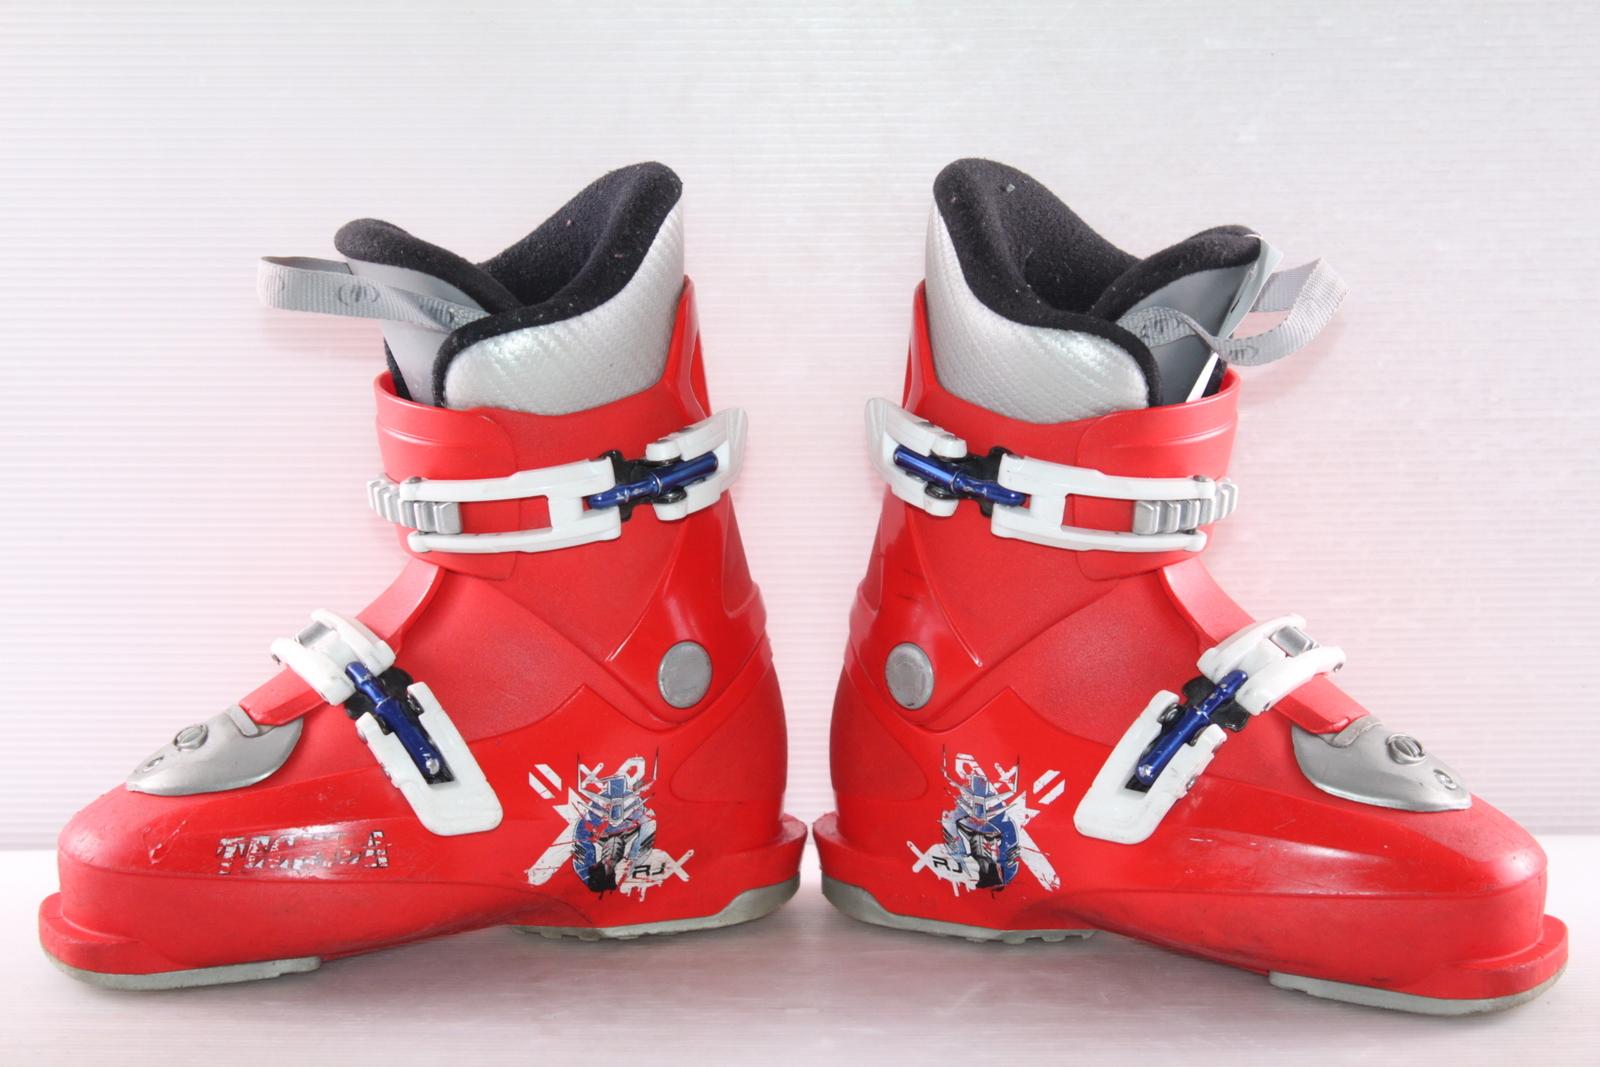 Dětské lyžáky Tecnica RJ vel. EU30.5